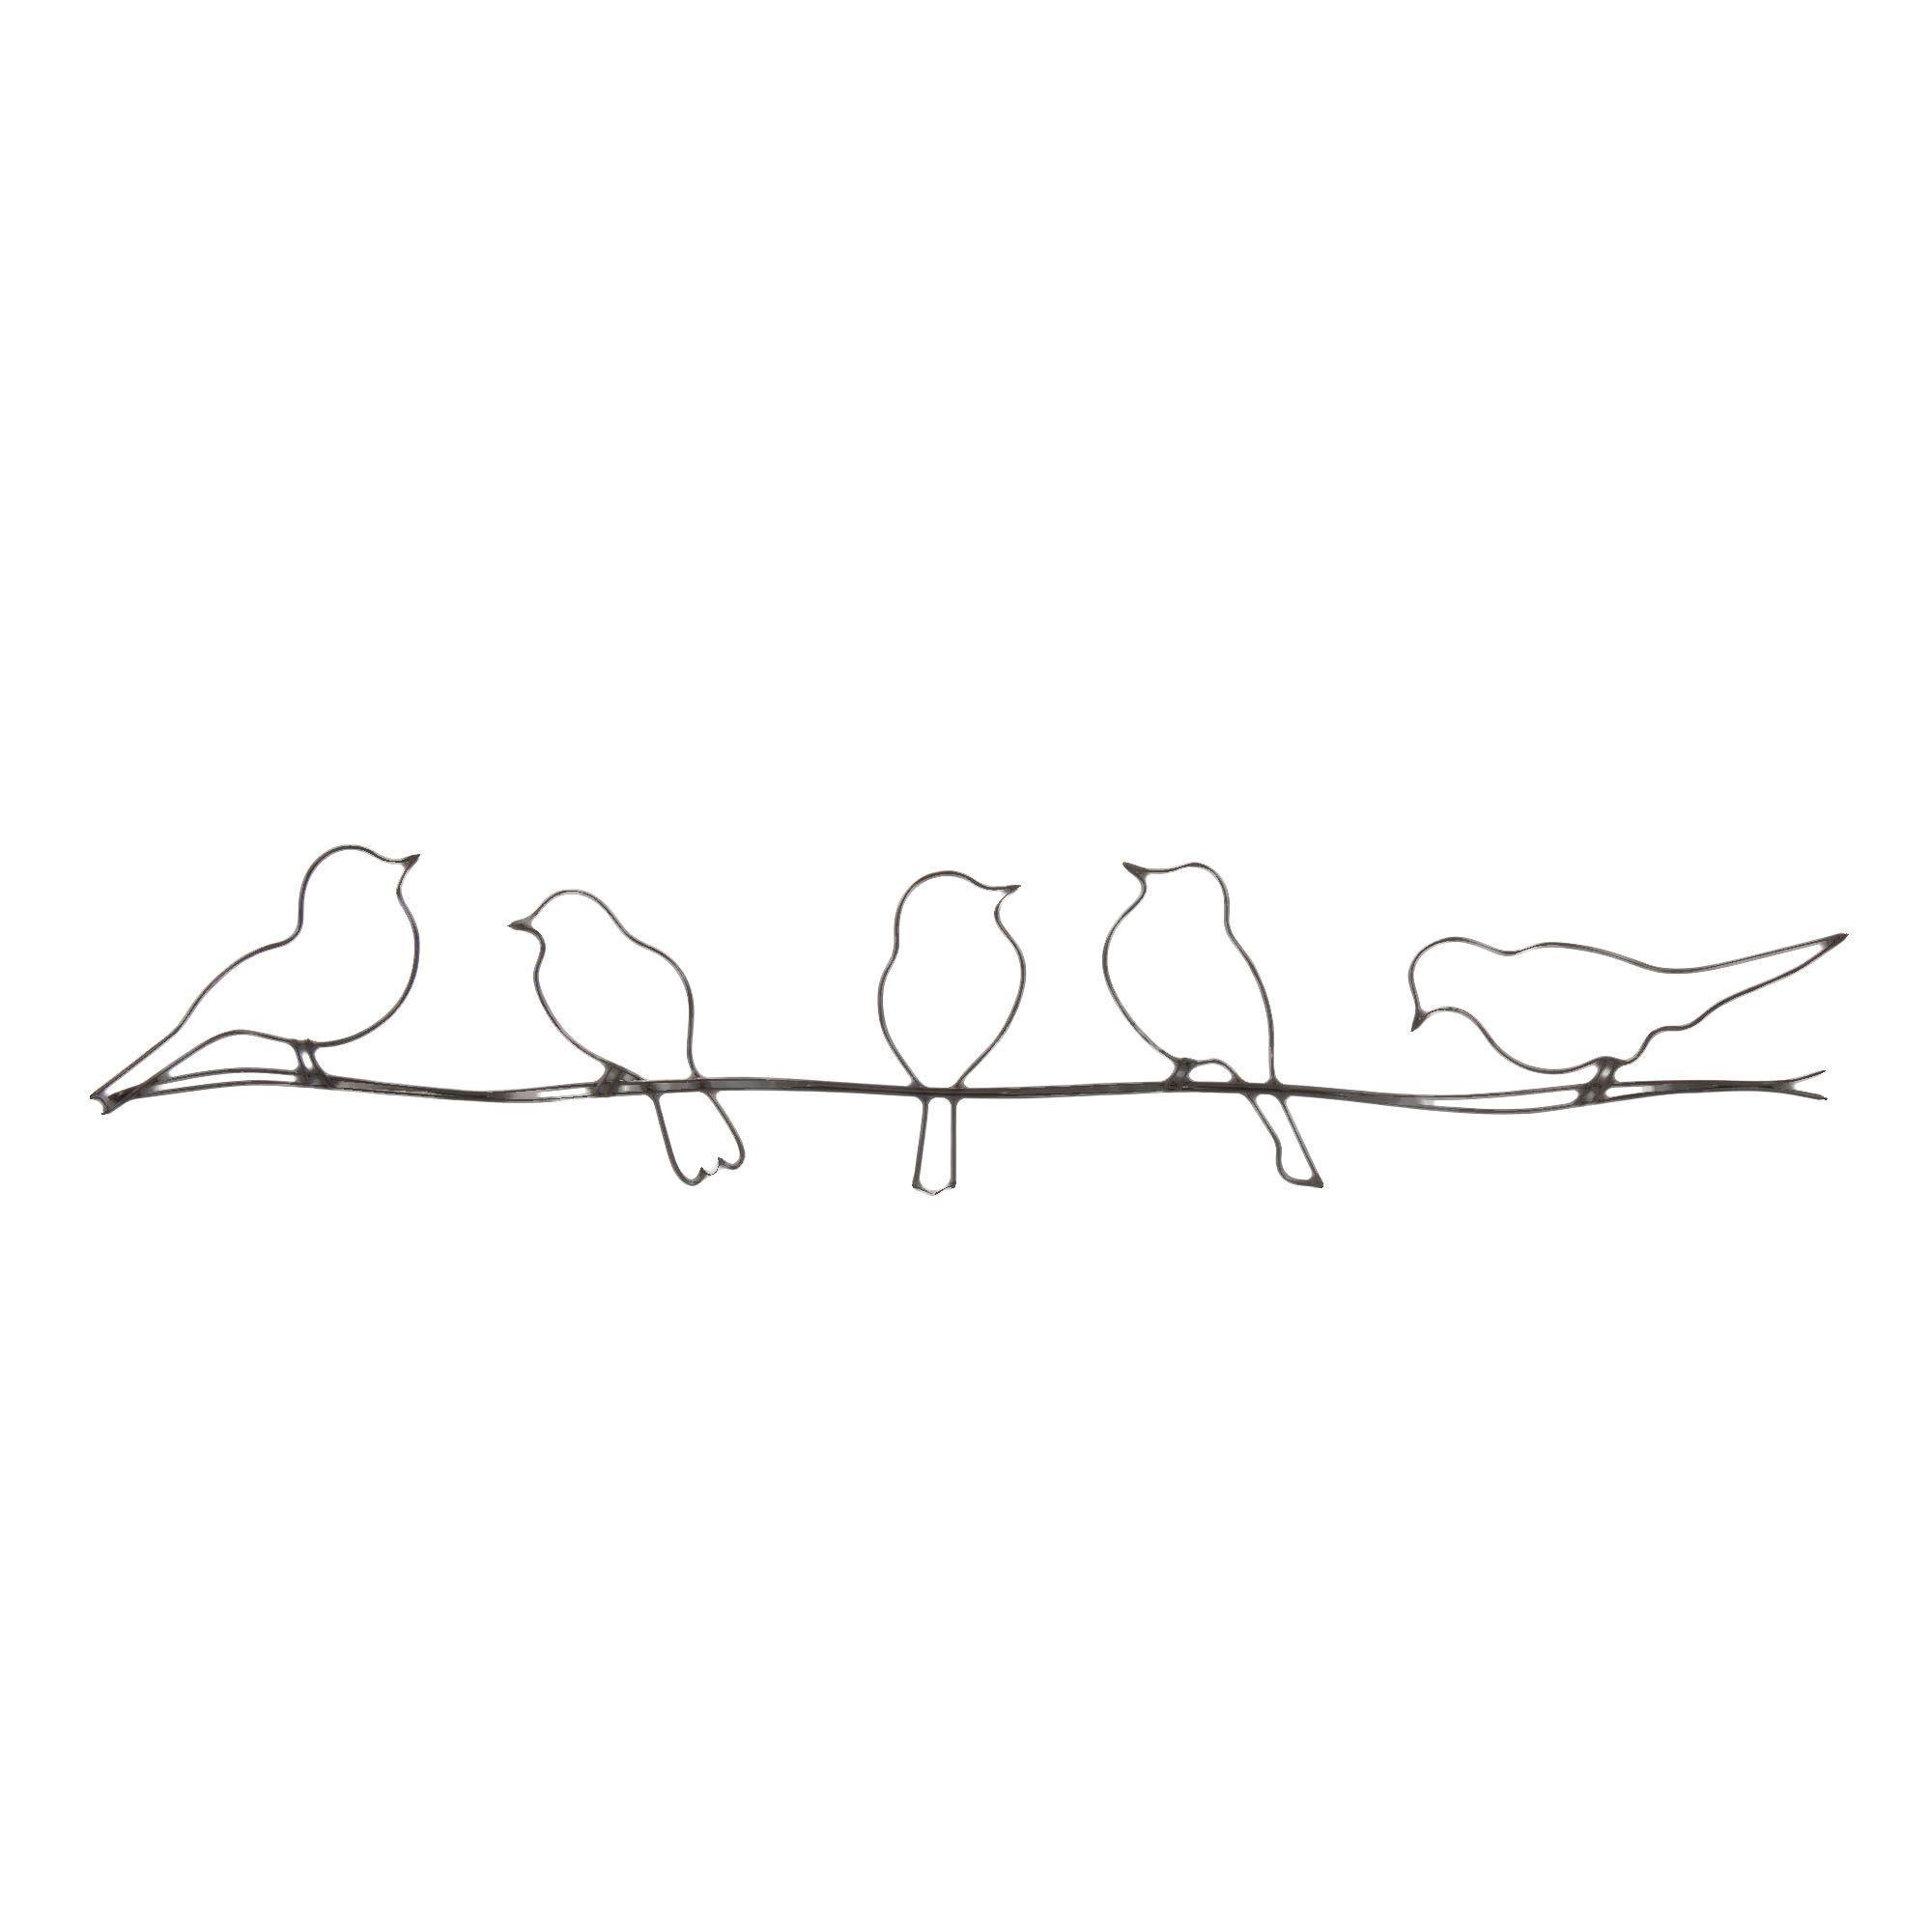 как картинки для вырезания птички сидят на проводе выберите все параметры